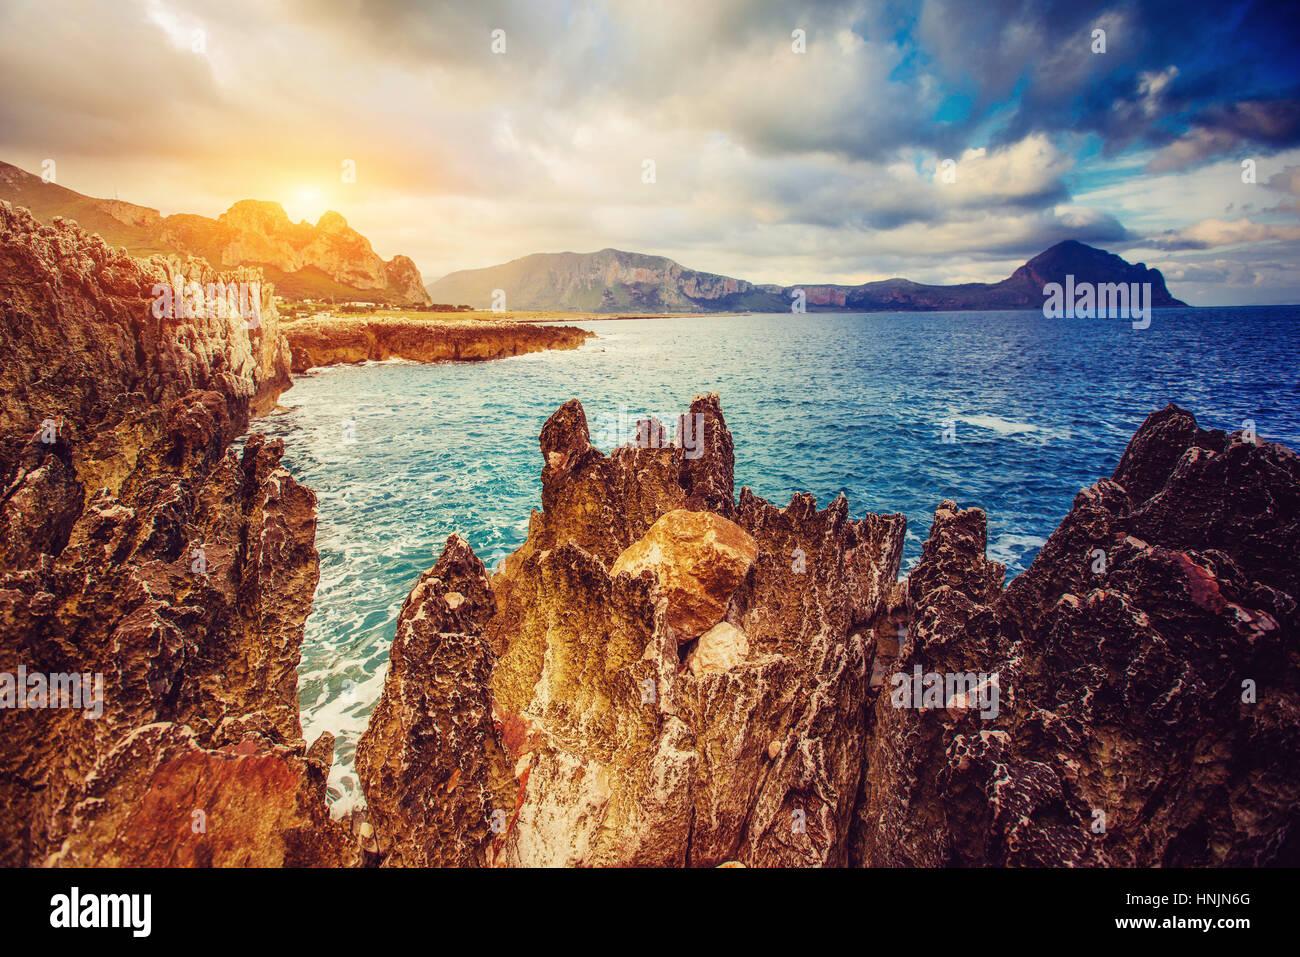 Fantastische Aussicht auf die Natur behalten Monte Cofano. Dramatische scen Stockbild